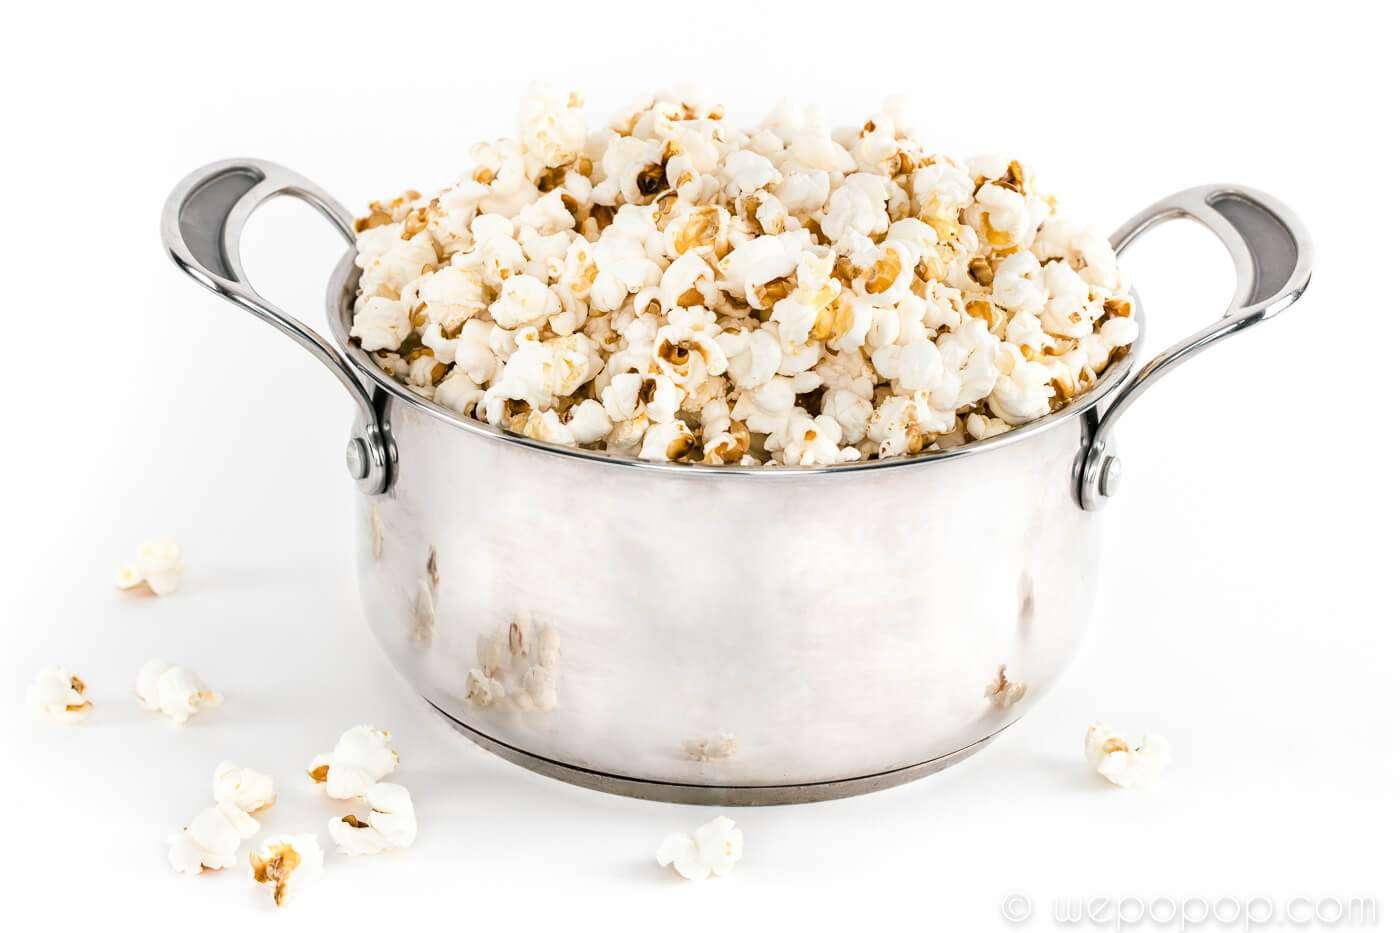 Tefal Jamie Oliver Professional Rostfri Gryta 20cm 3L Det här är en idealisk popcornkastrull från Tefals serie Proffesional som det är lätt att poppa popcorn i. Tillsammans med WePoPoP:s instruktion för perfekta popcorn så kommer du få ett utmärkt resultat varje gång. Det är en 3-liters kastrull i rostfritt stål av högsta kvalité.